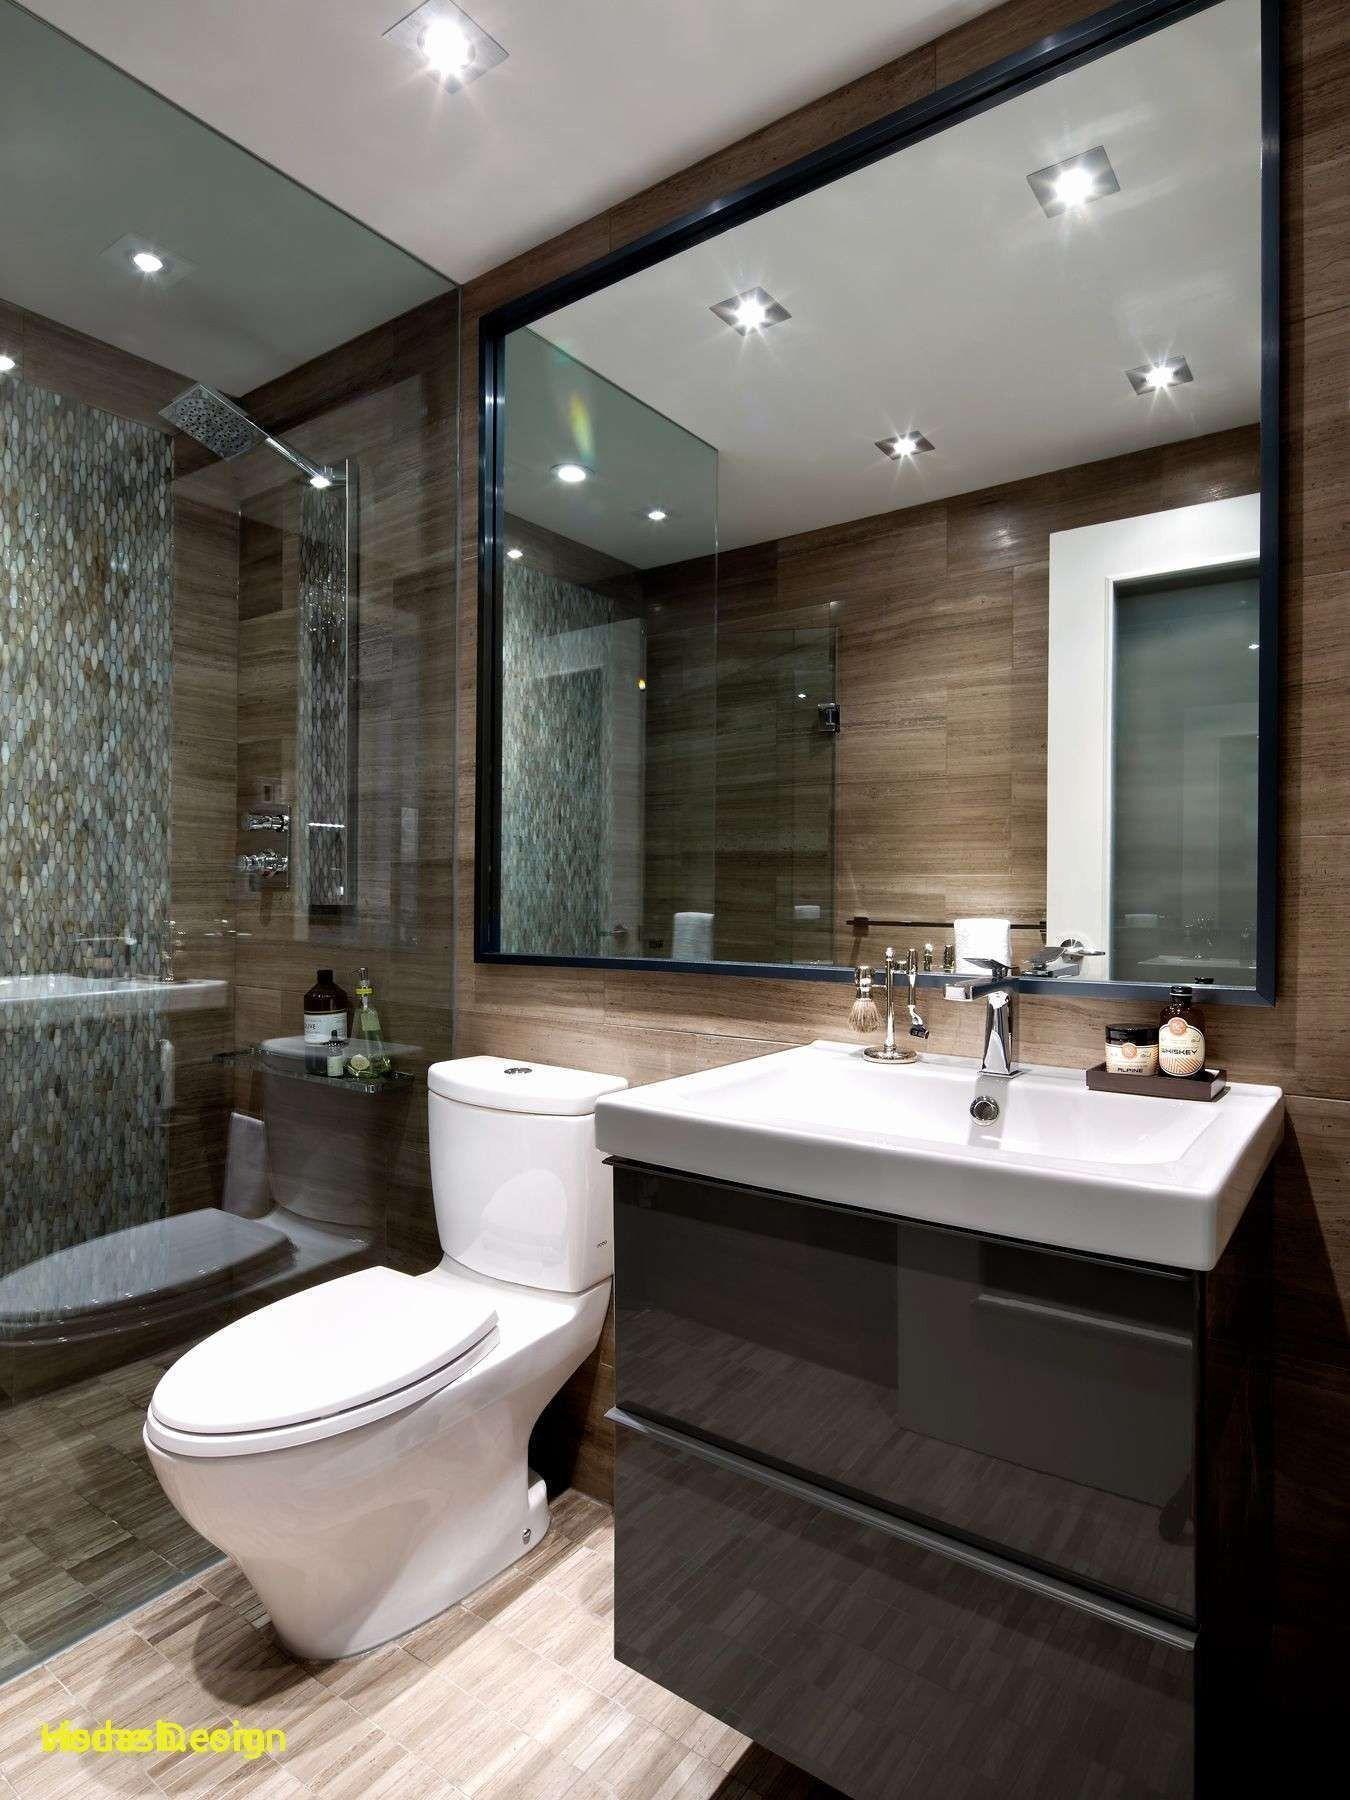 5x10 Bathroom Ideas Well Formed Elegant Bathroom Layout Ideas 9 X